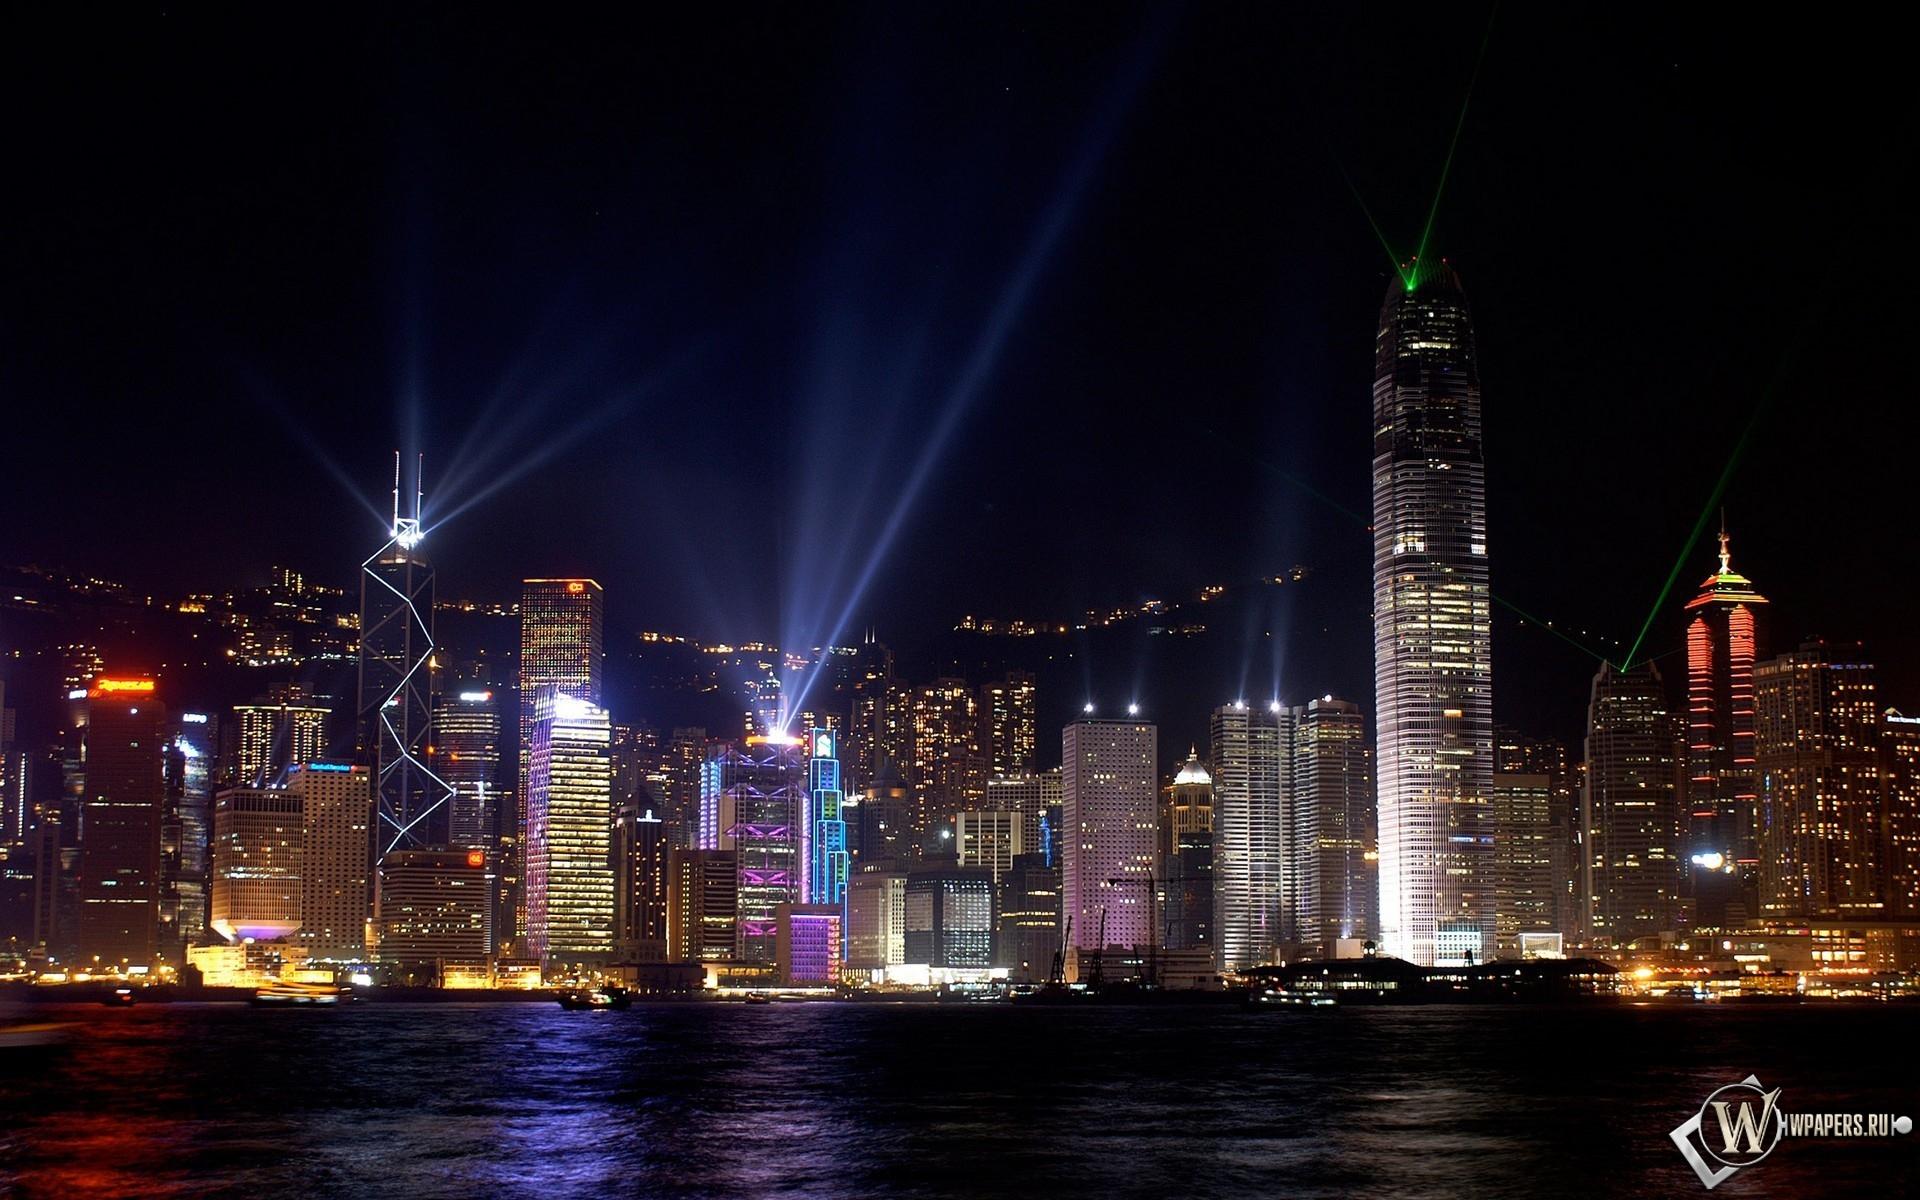 Ночьной Гонконг 1920x1200